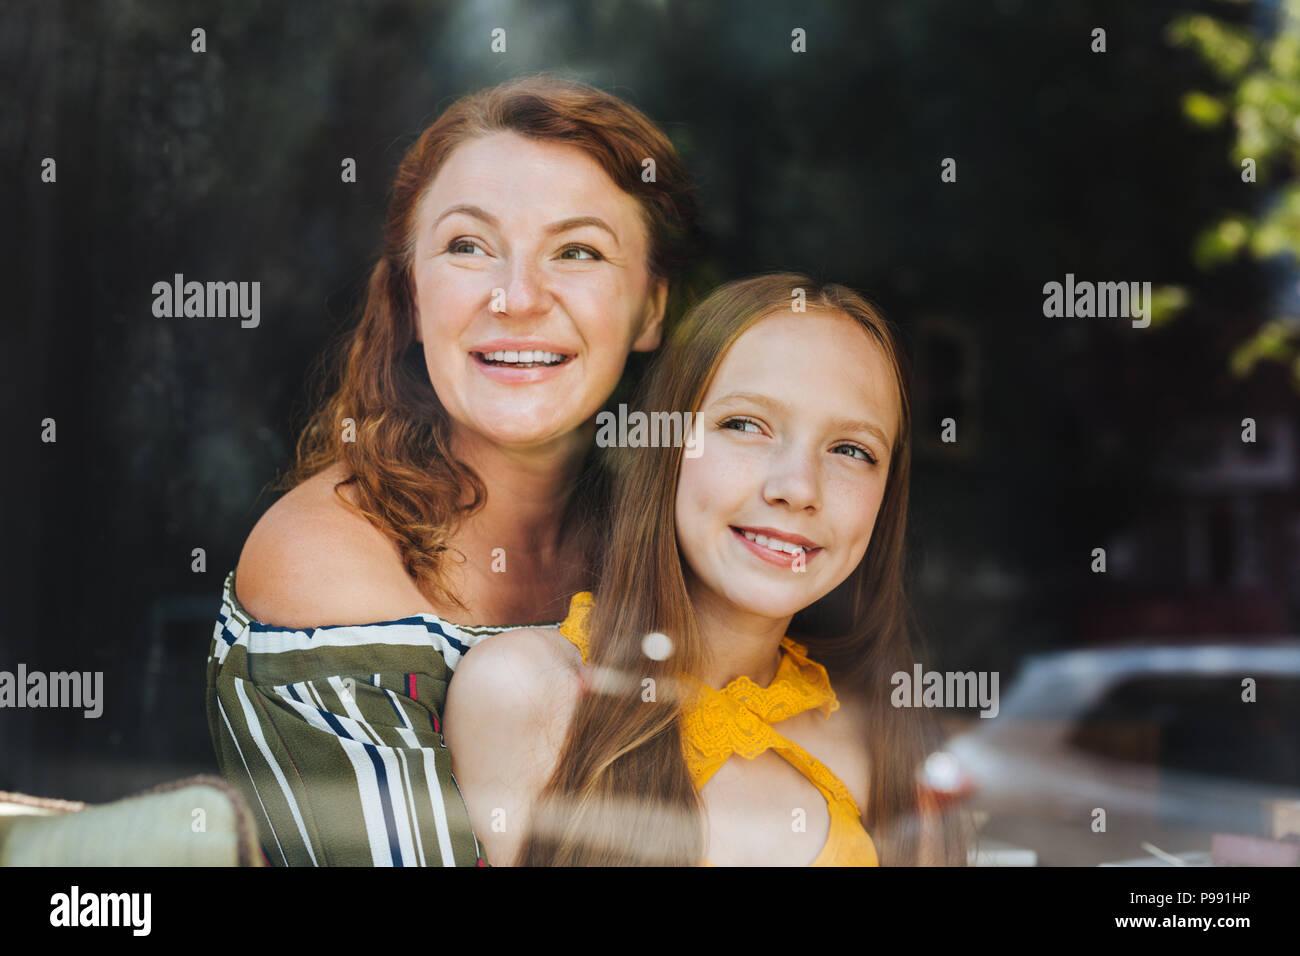 Lycéenne aux cheveux blonds passe ses journée avec mère Photo Stock